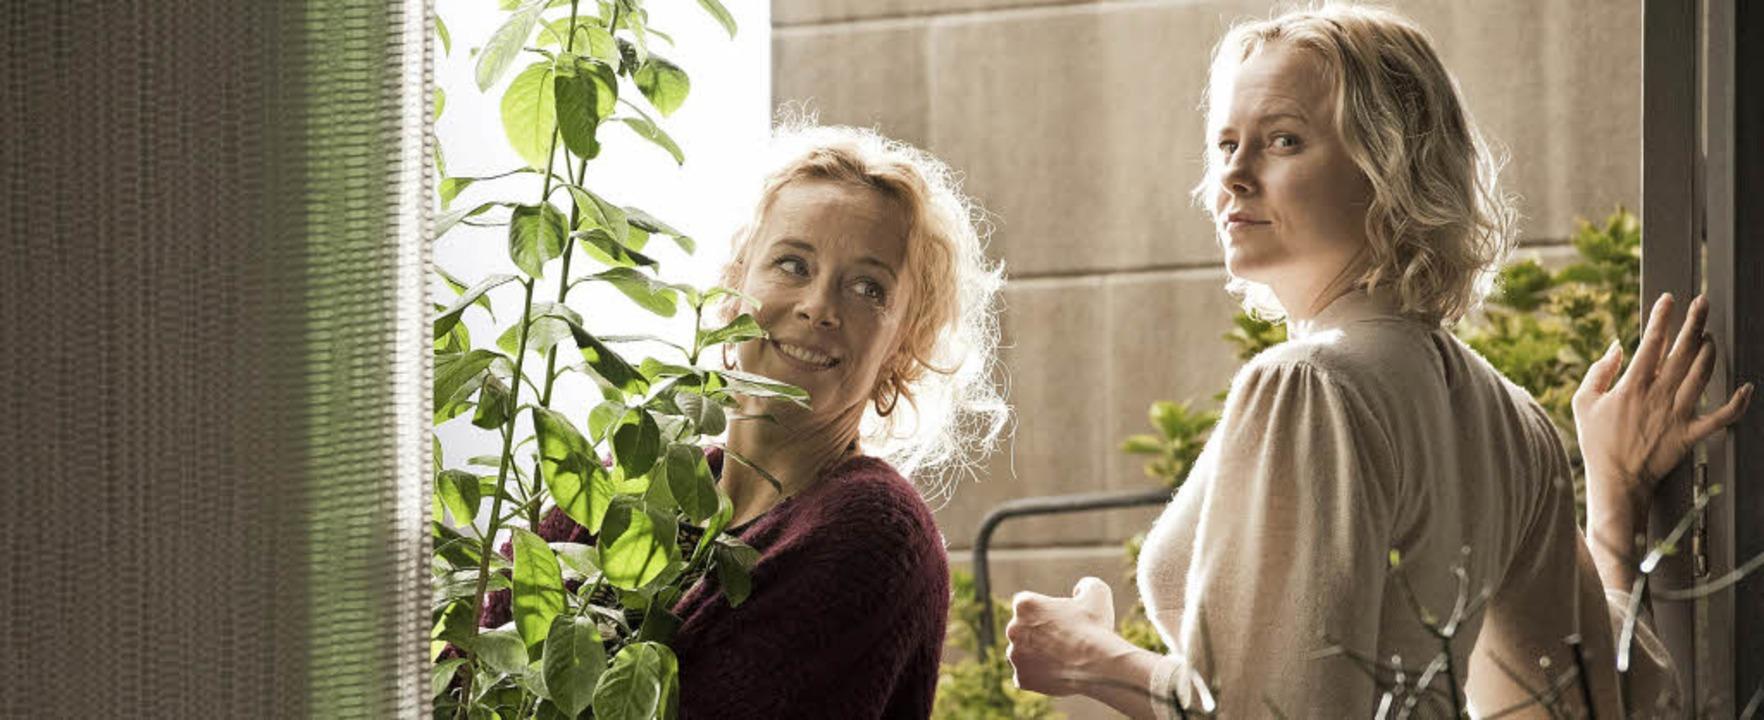 Ein ungleiches Paar: Maria (Katja Riem...links) und Jade (Ingrid Bolsø Berdal)   | Foto: Martin Valentin Menke, dpa